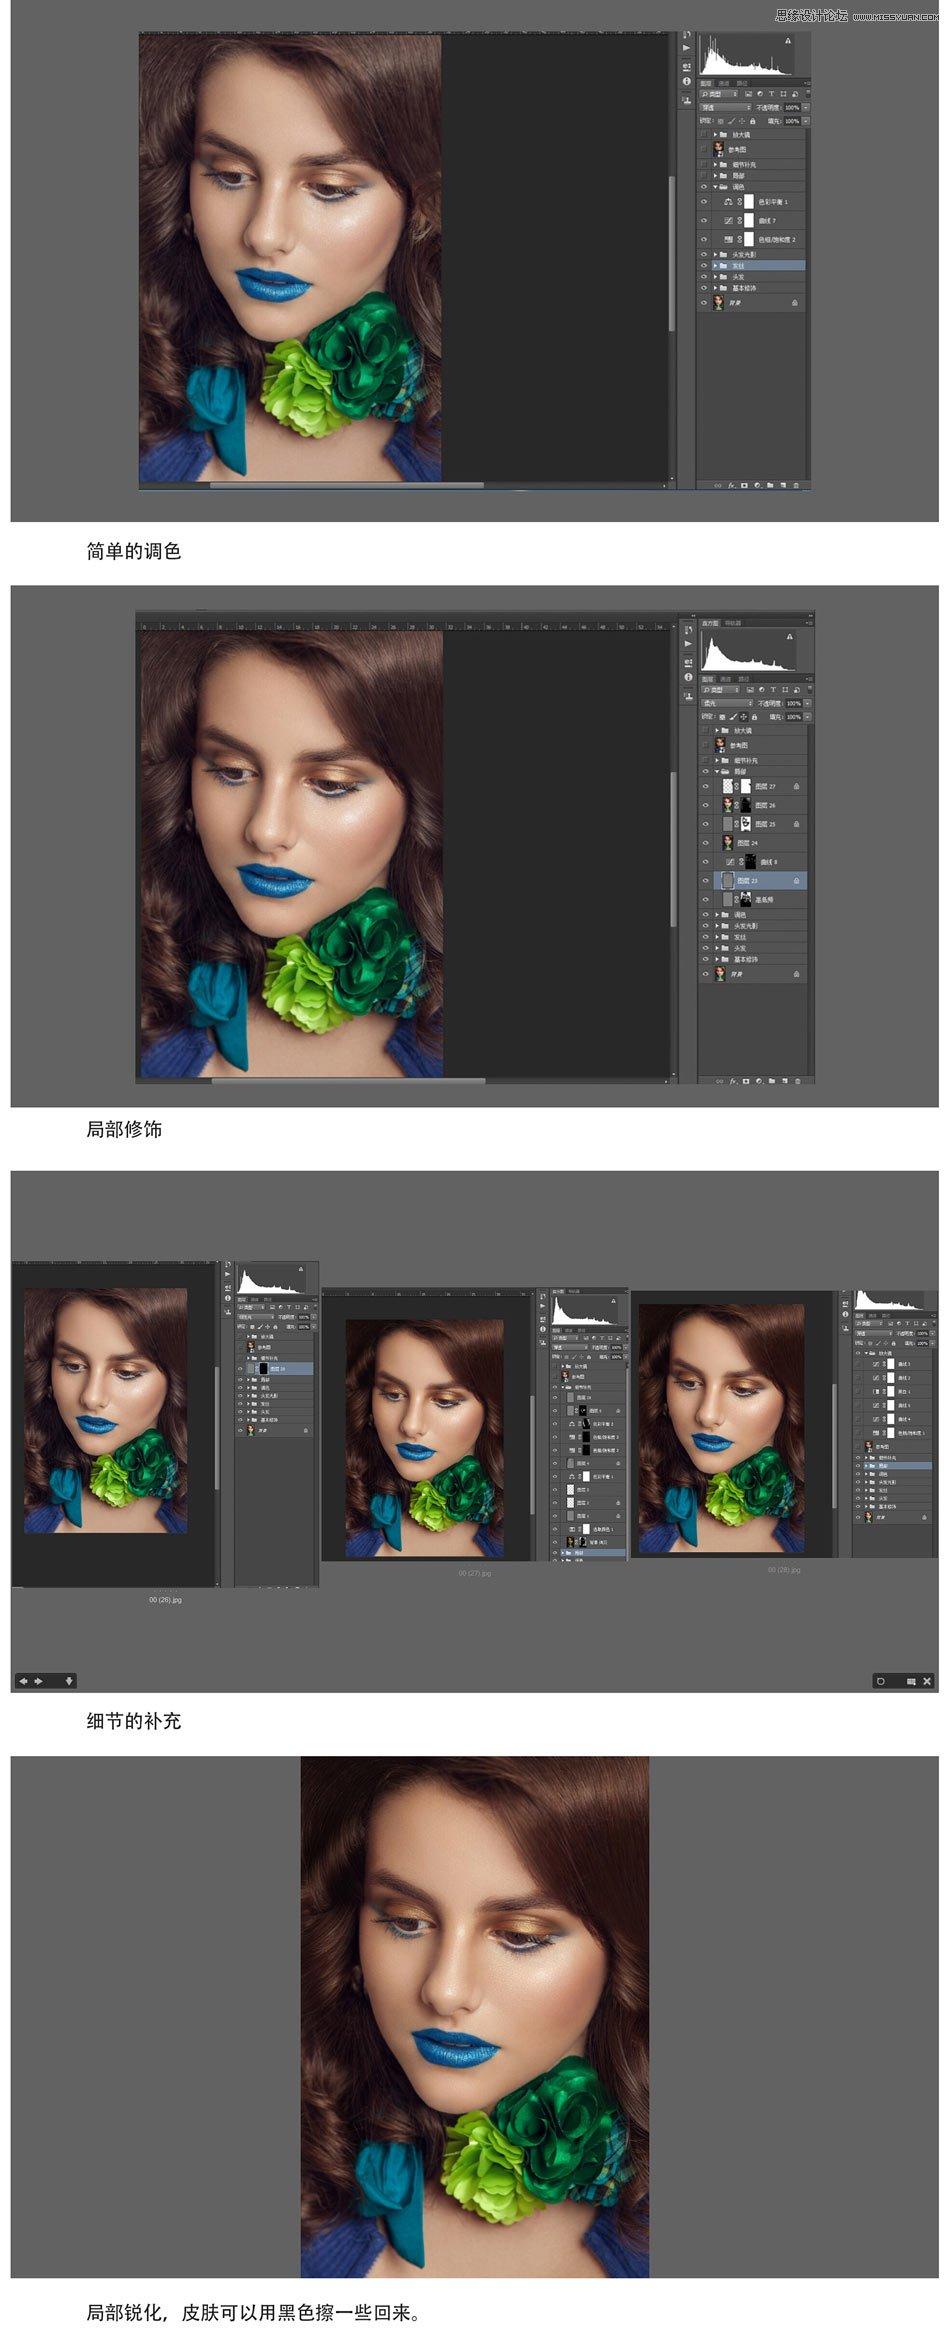 详细解析Photoshop人像后期肤色修图技巧